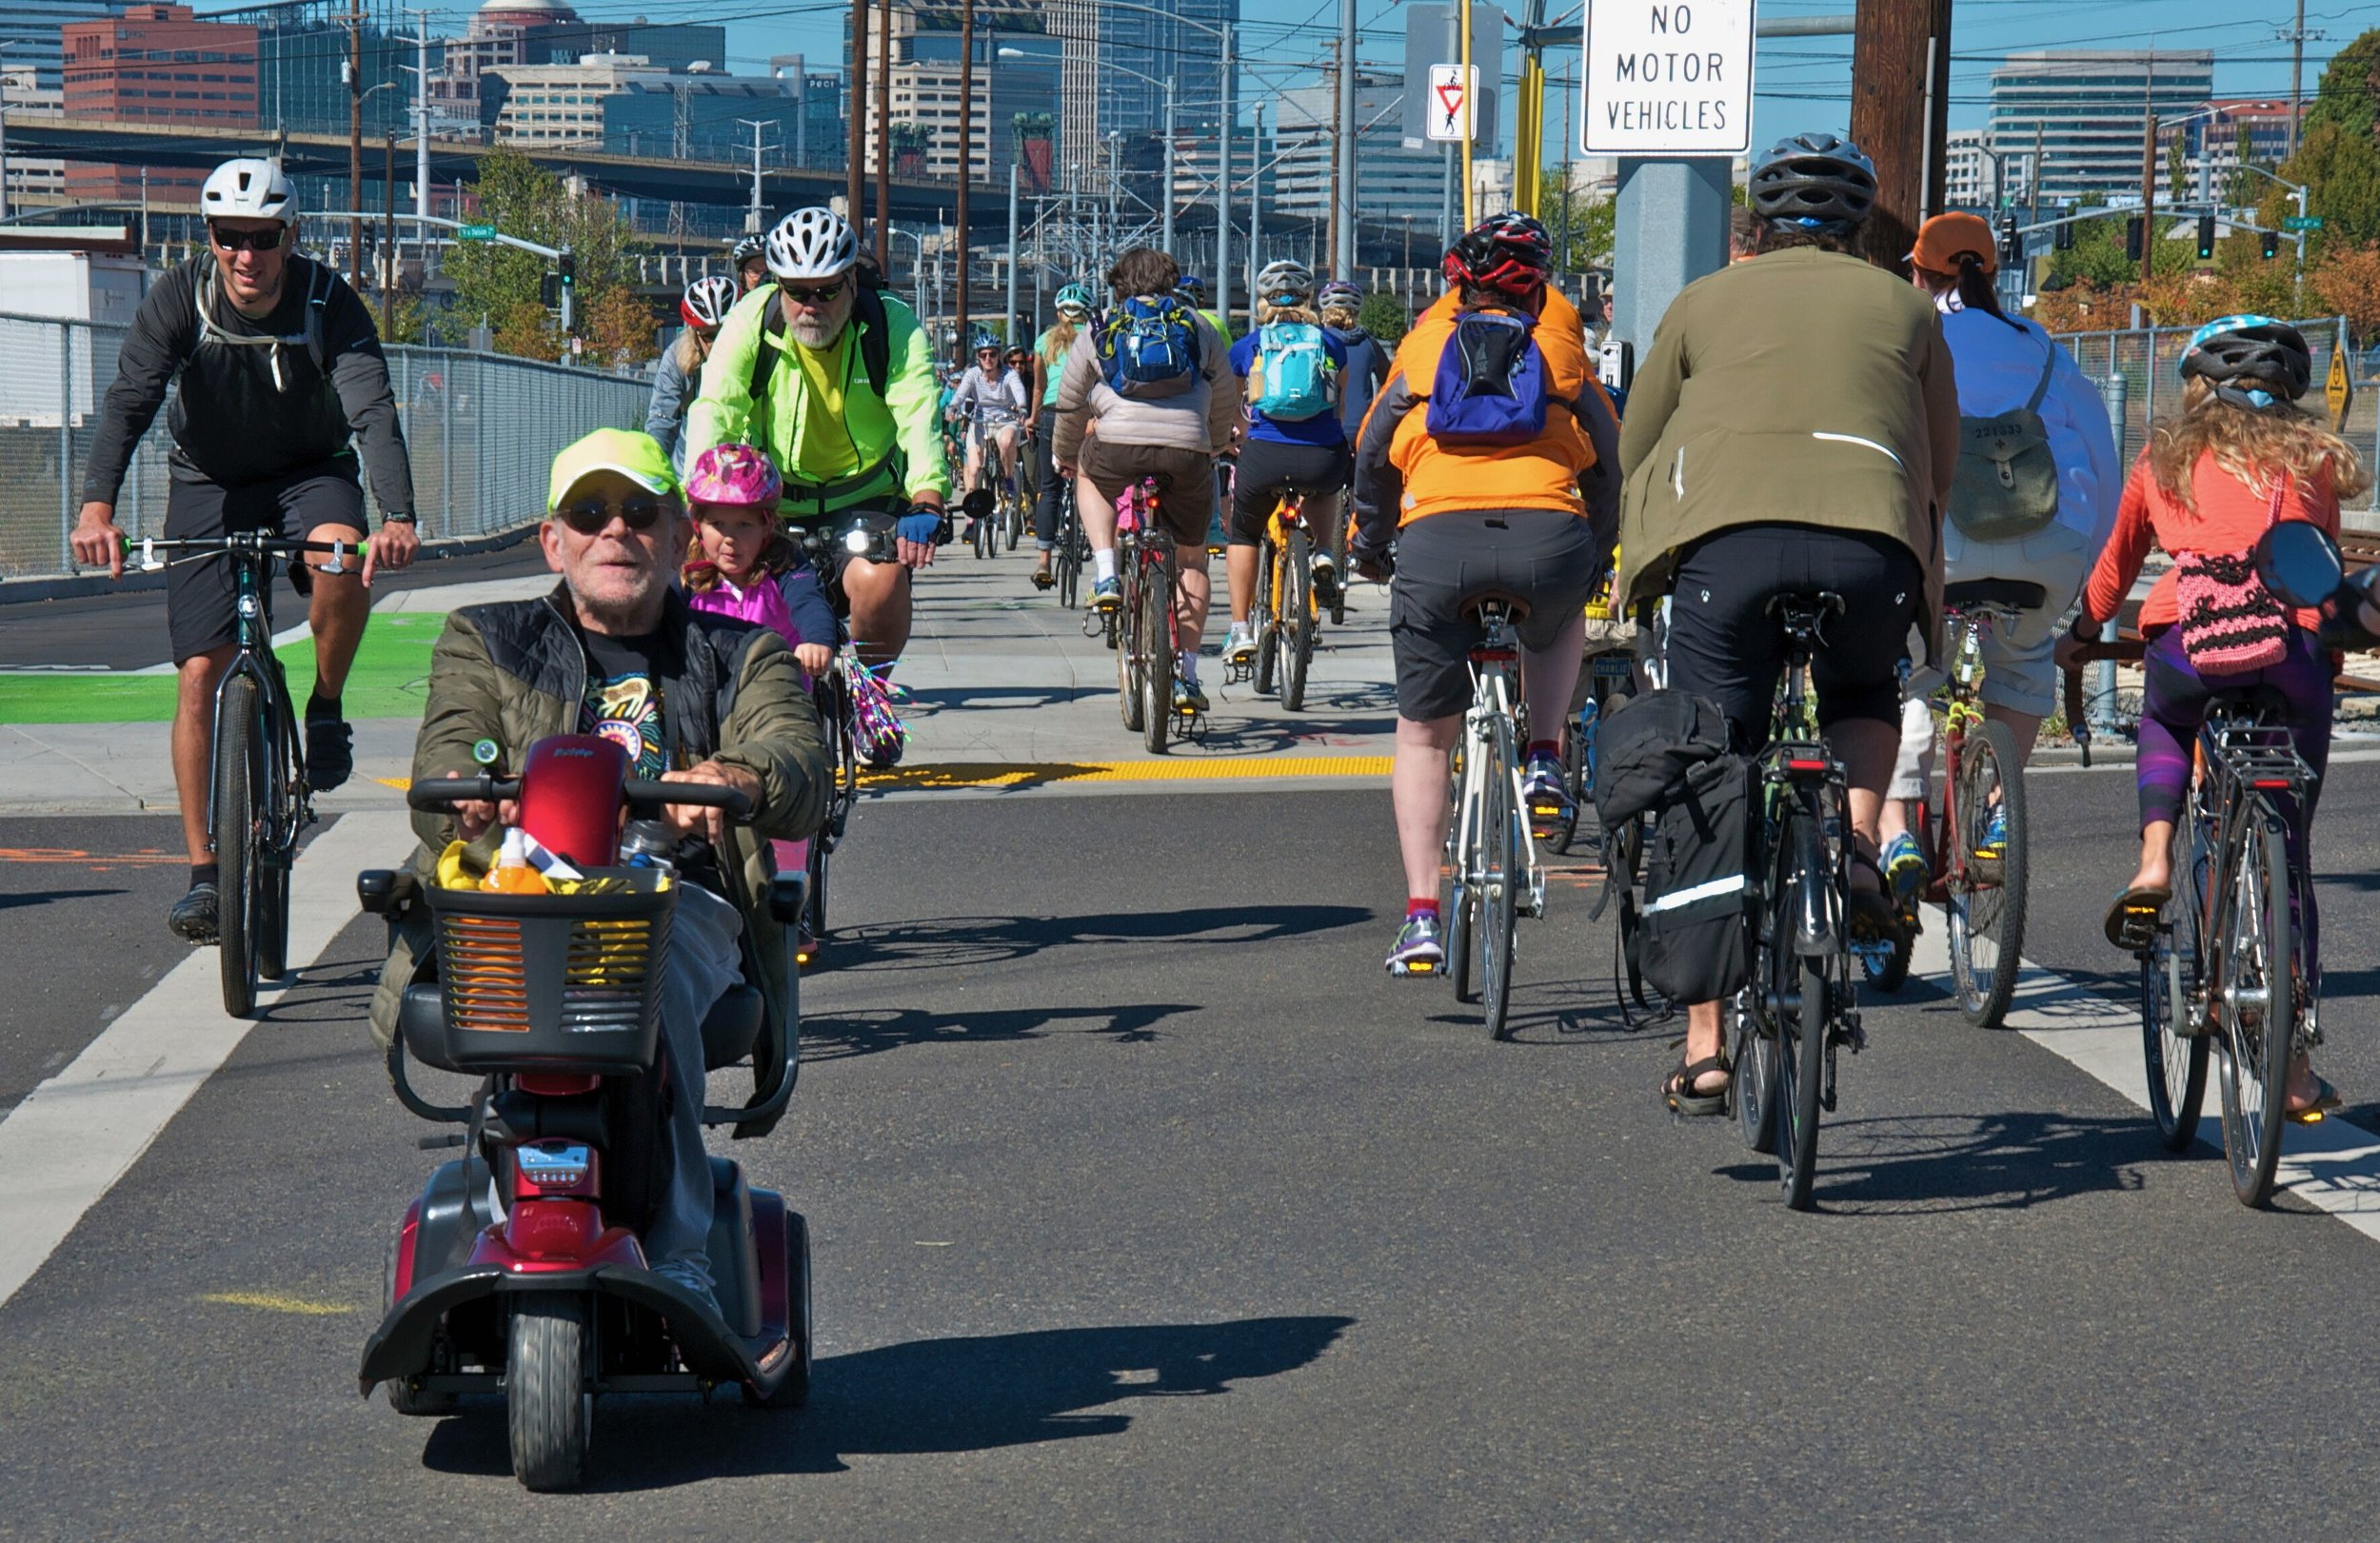 Image courtesy of Portland Sunday Parkways